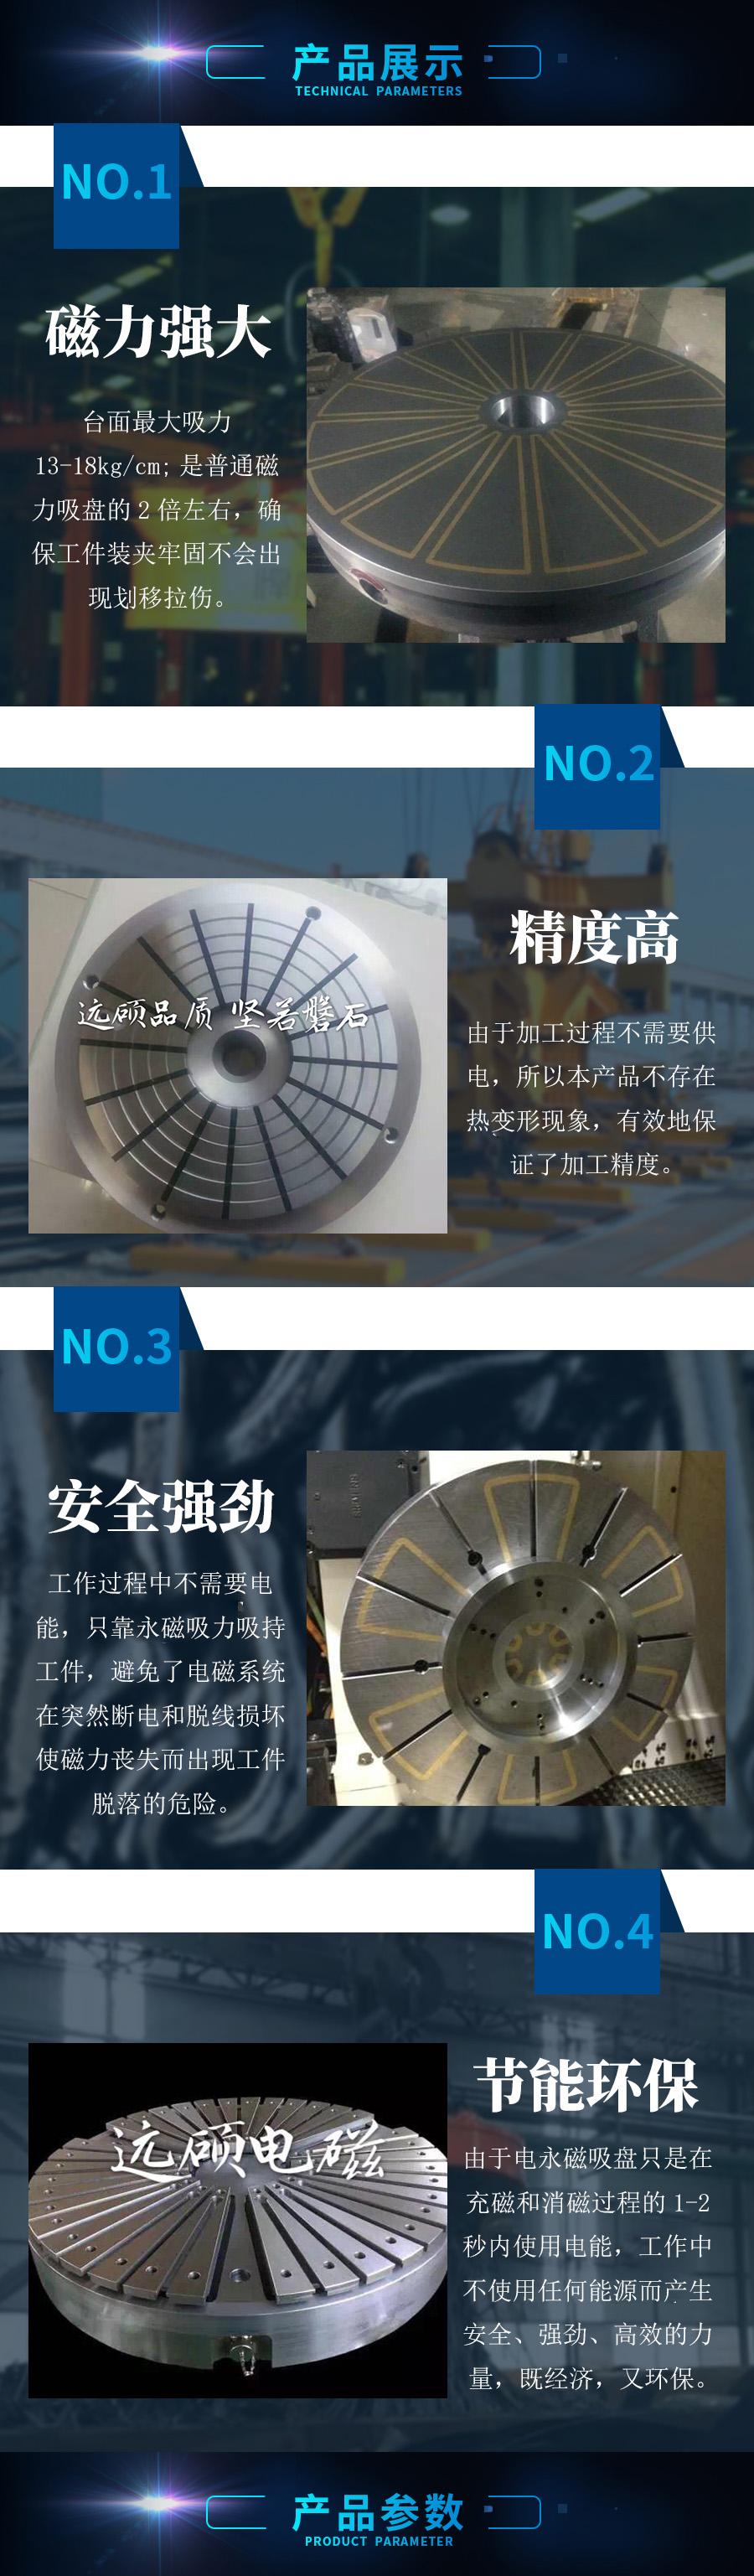 圆形电控永磁吸盘.jpg